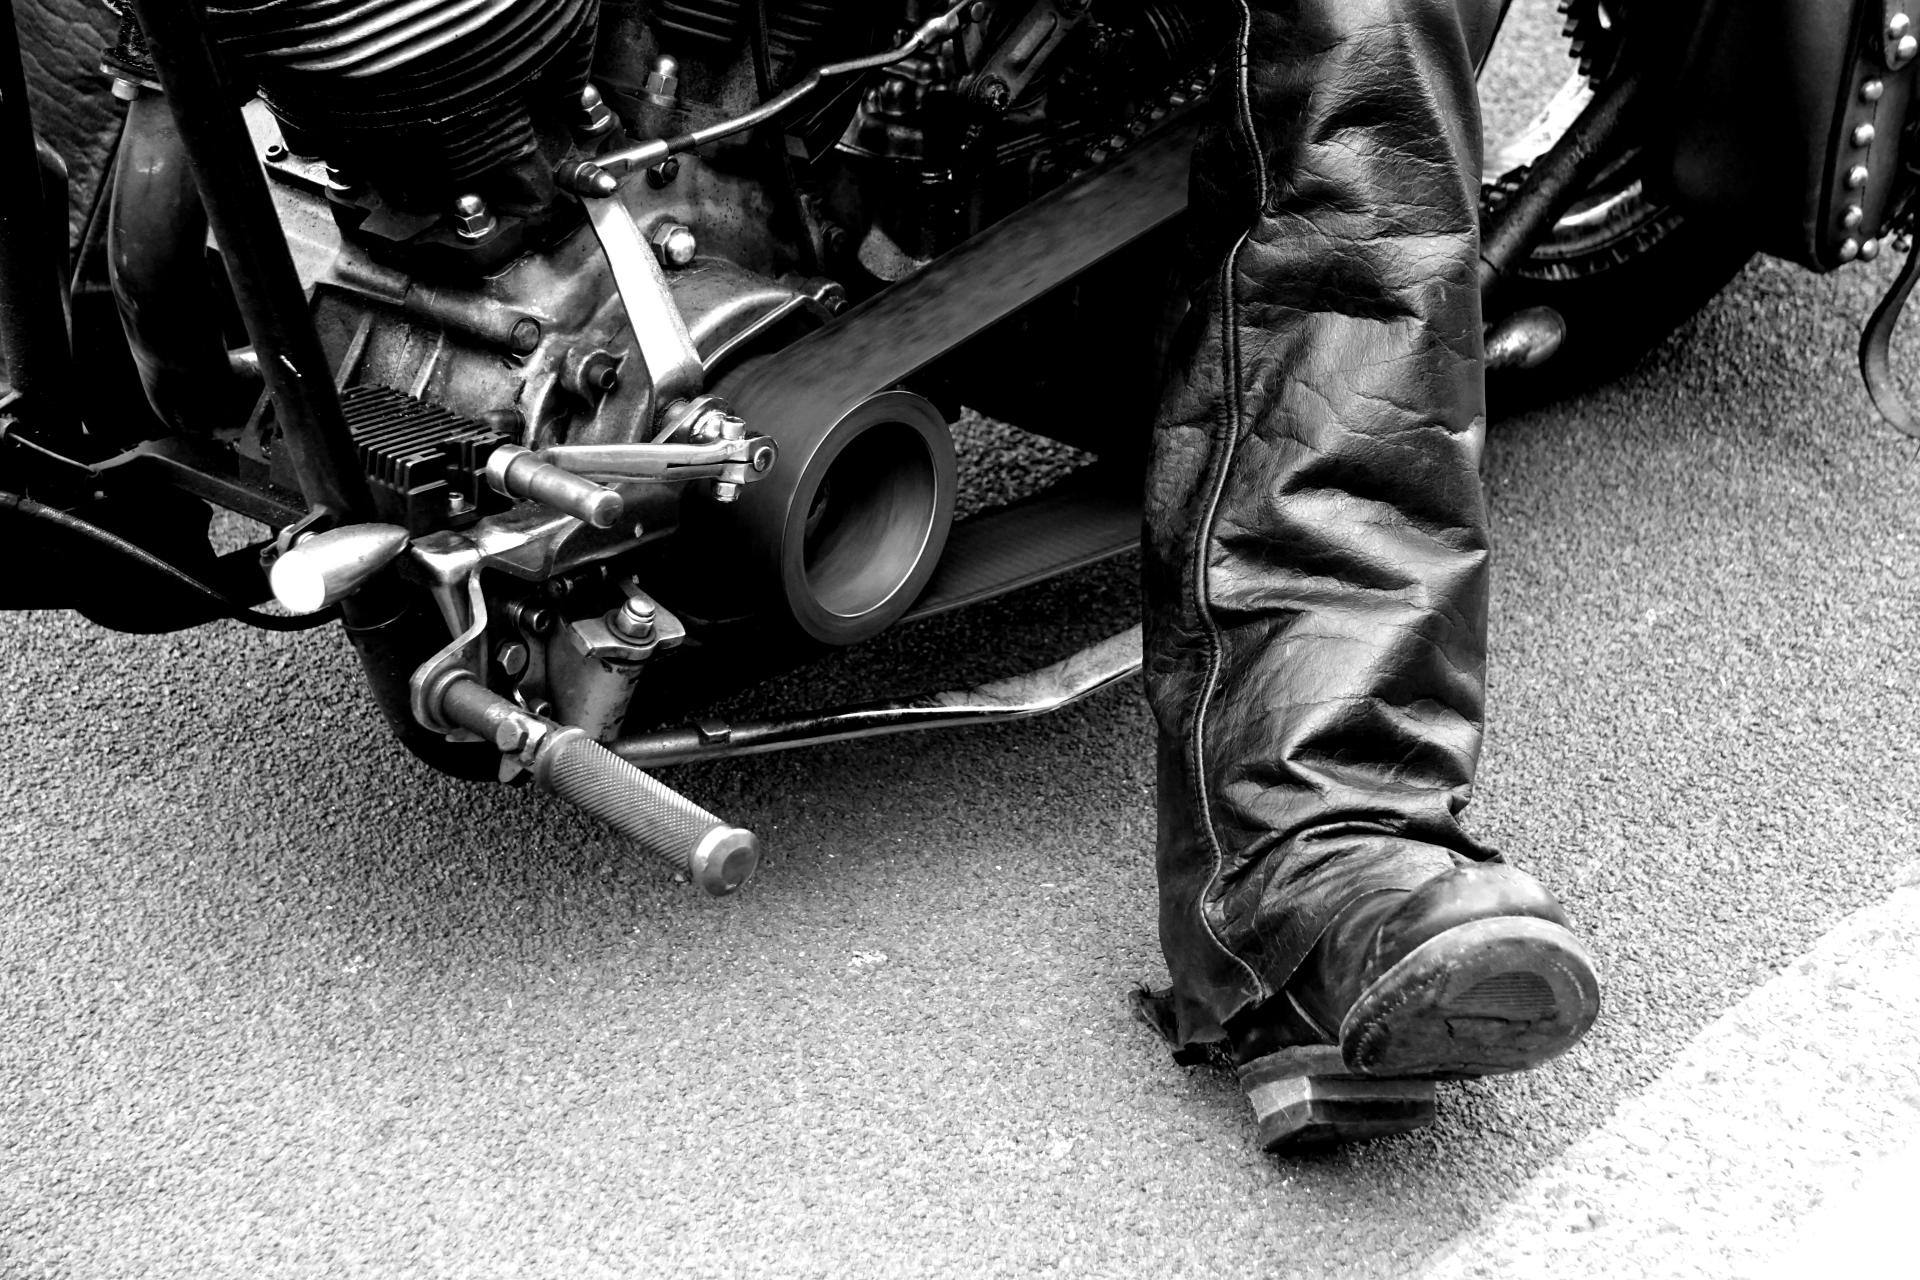 バイクのブーツ(シューズ)の買取で失敗しないためのポイント